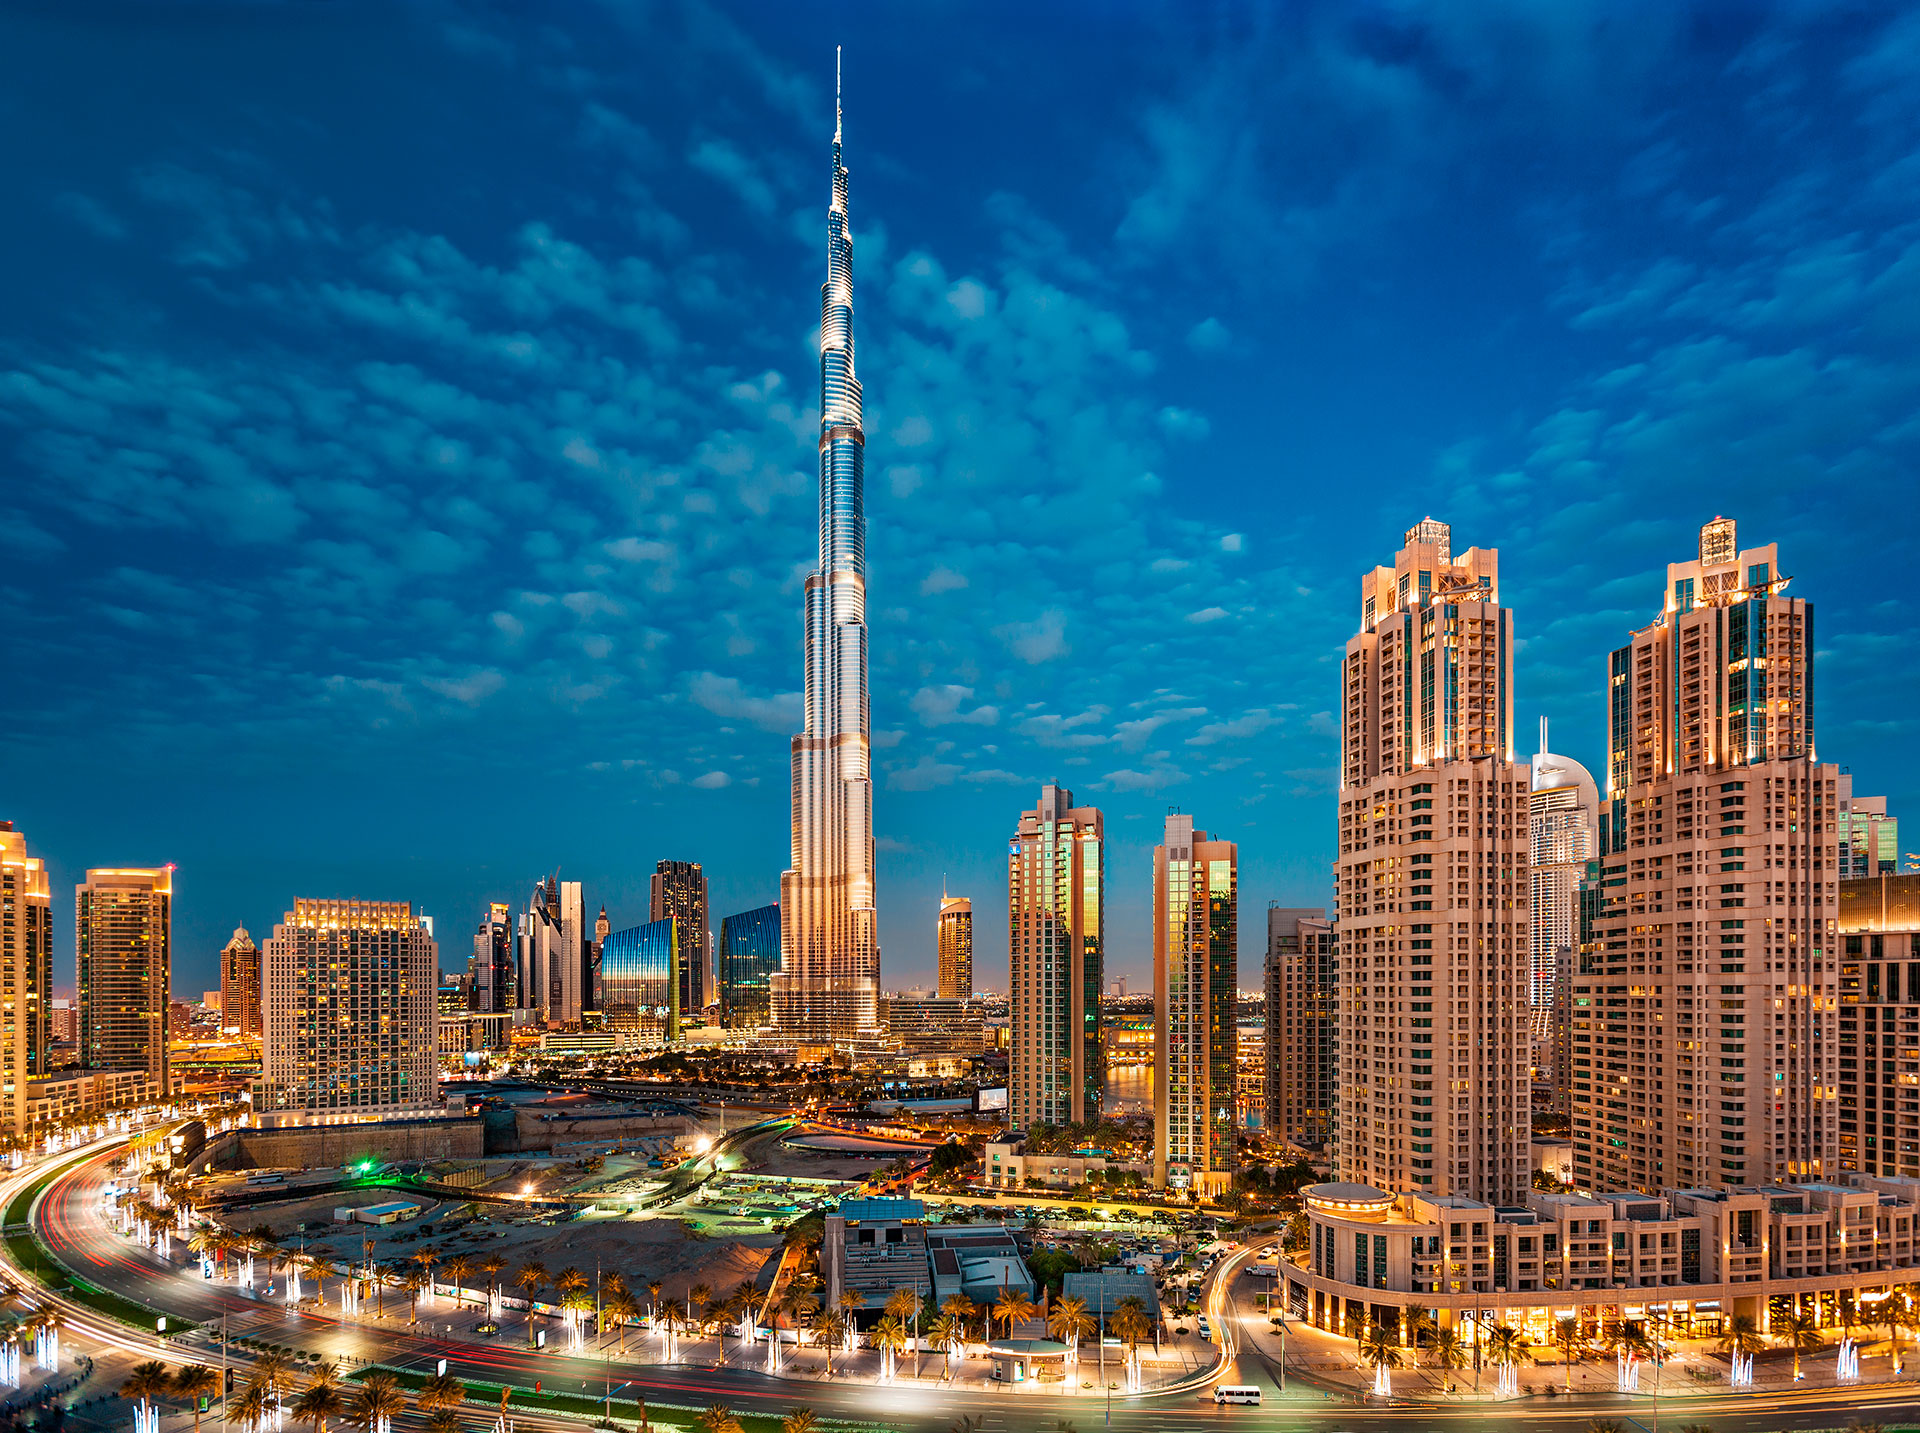 Burj Khalifa en Dubai posee siete récords mundiales, incluido el del edificio más alto del mundo, con 828 metros de altura (Shutterstock)